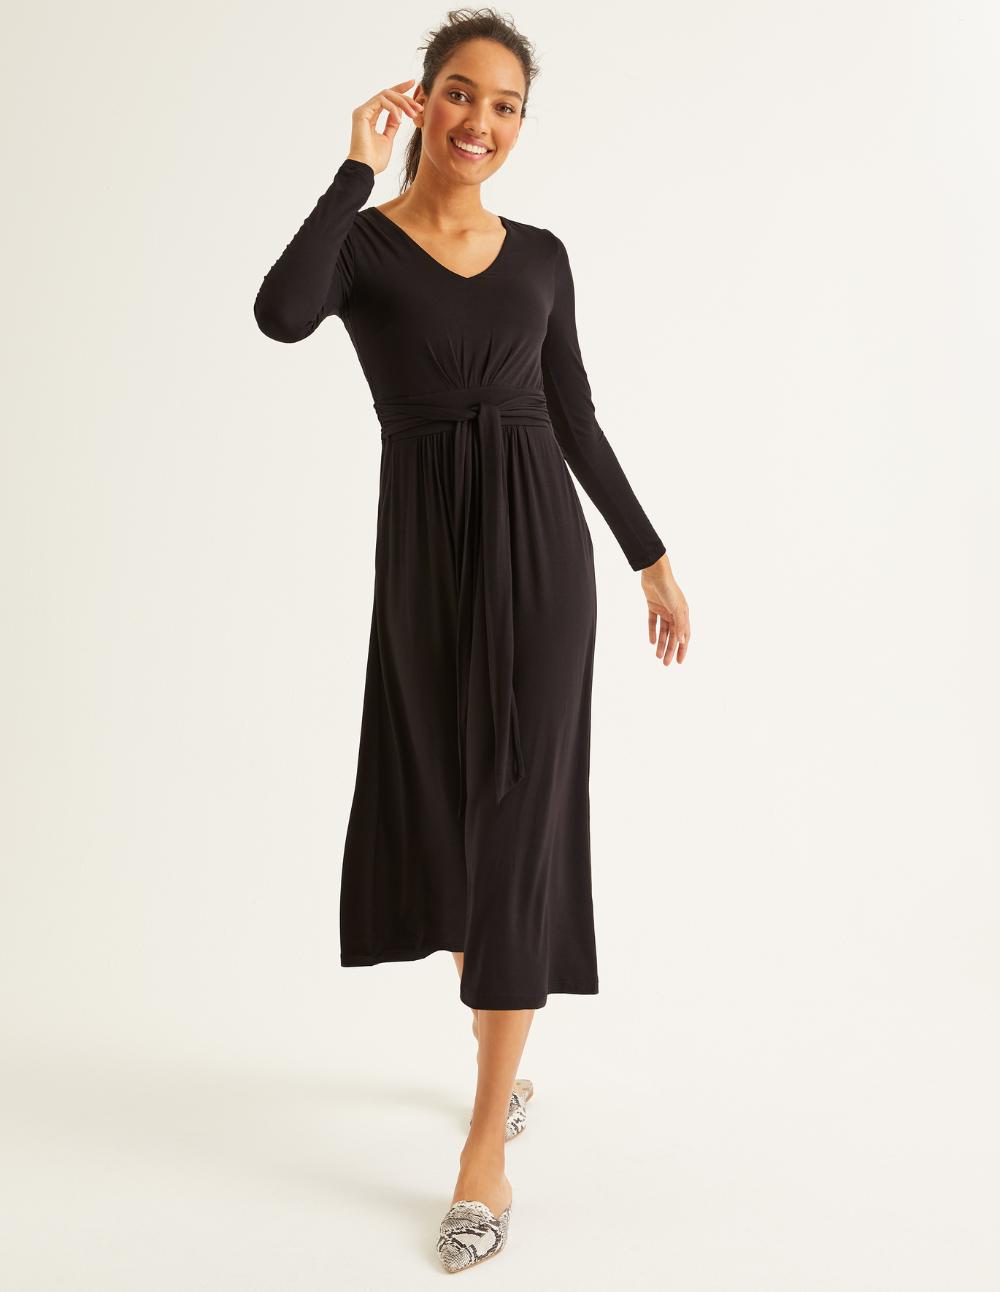 Ferne Jersey Midi Dress Black Midi Dress Work Midi Dress Black Midi Dress [ 1292 x 1000 Pixel ]